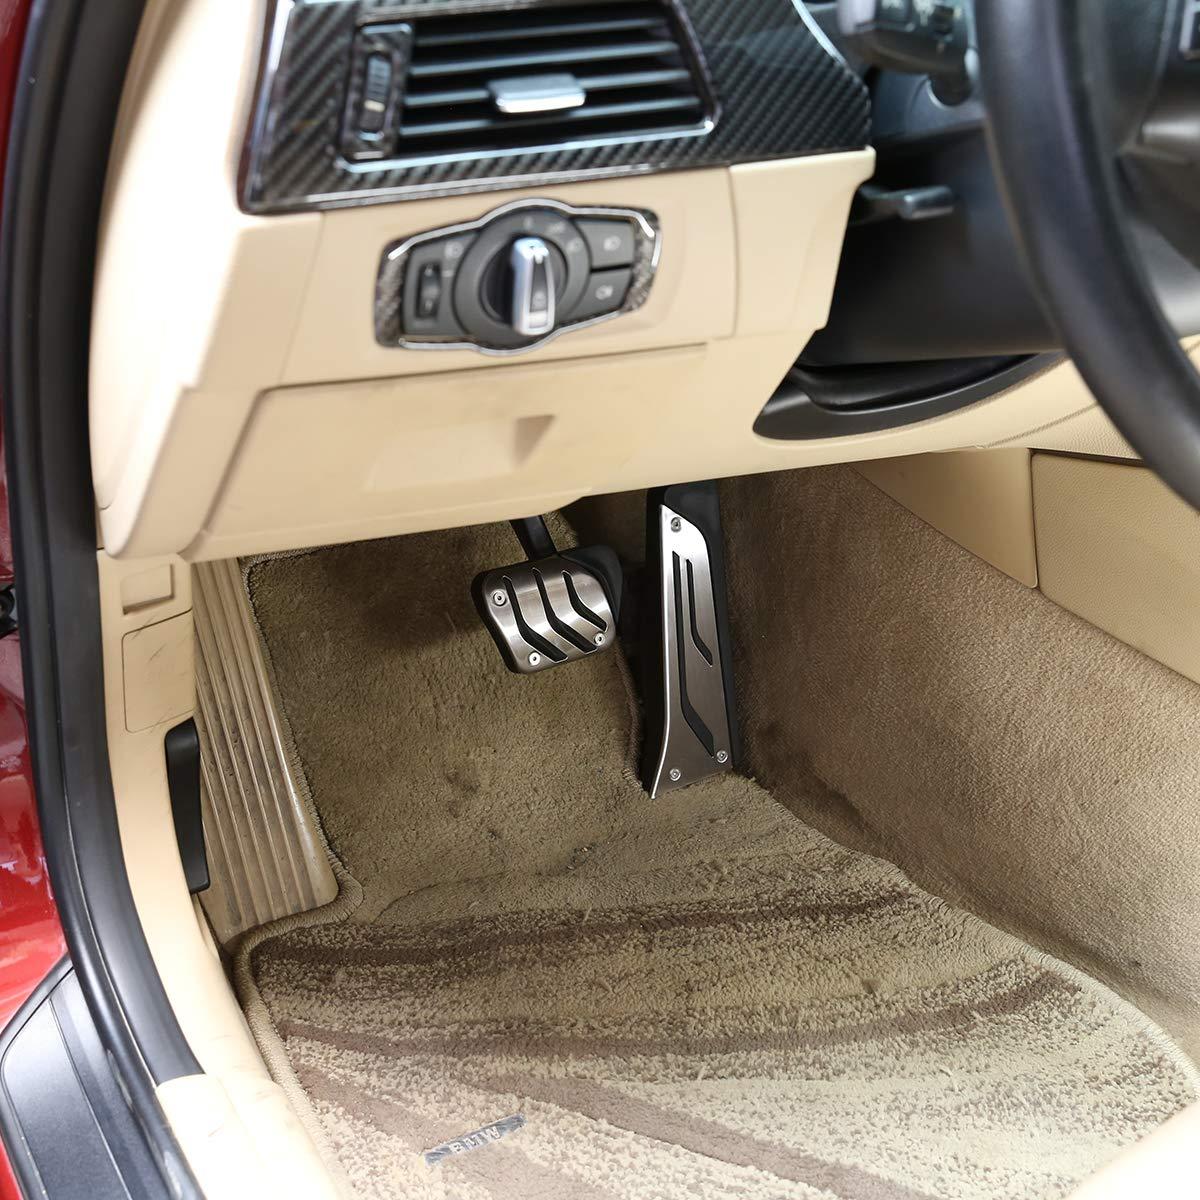 in acciaio inox F16 F36 E71. F33 F26 F34 F31 E70 F22 F15 per G30 F32 F30 2 pedali antiscivolo per freno a carburante F10 F25